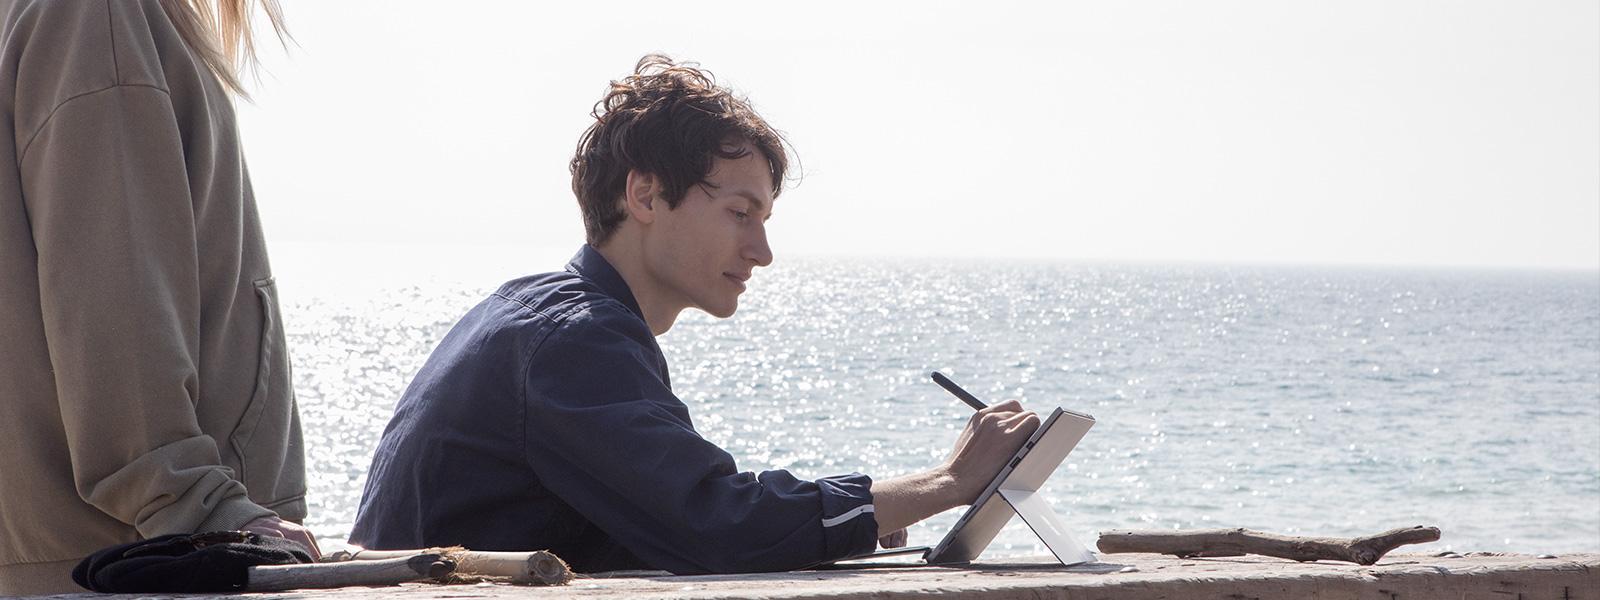 Mężczyzna korzystający z Surface Pro na zewnątrz